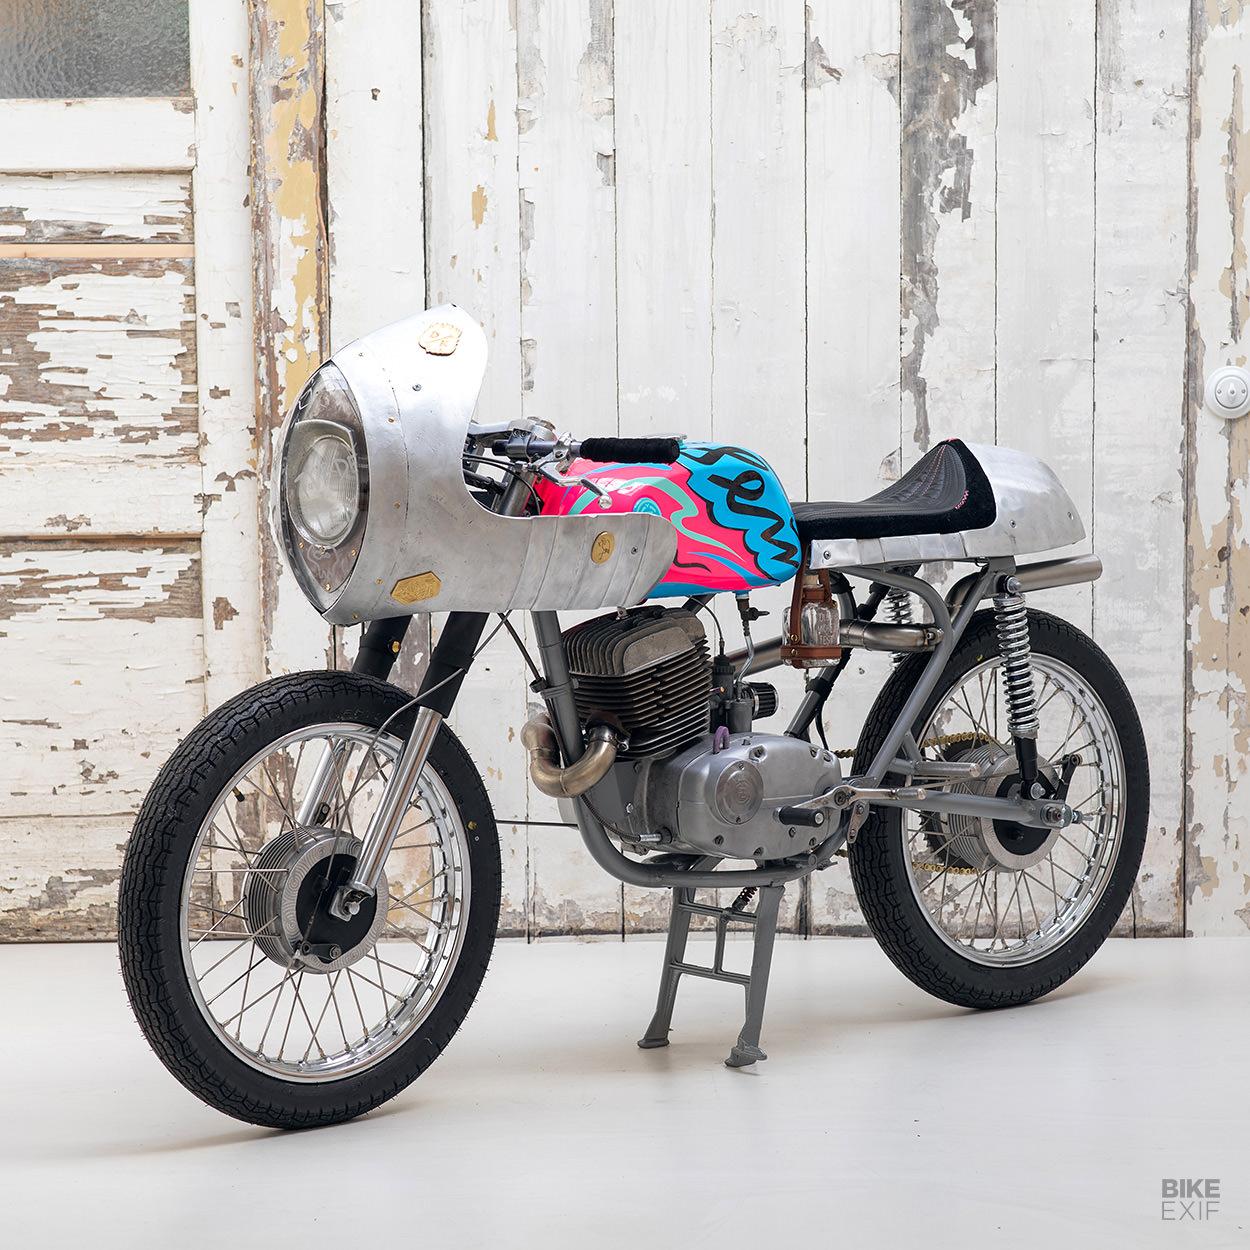 CZ 175 cafe racer by GarageBoss